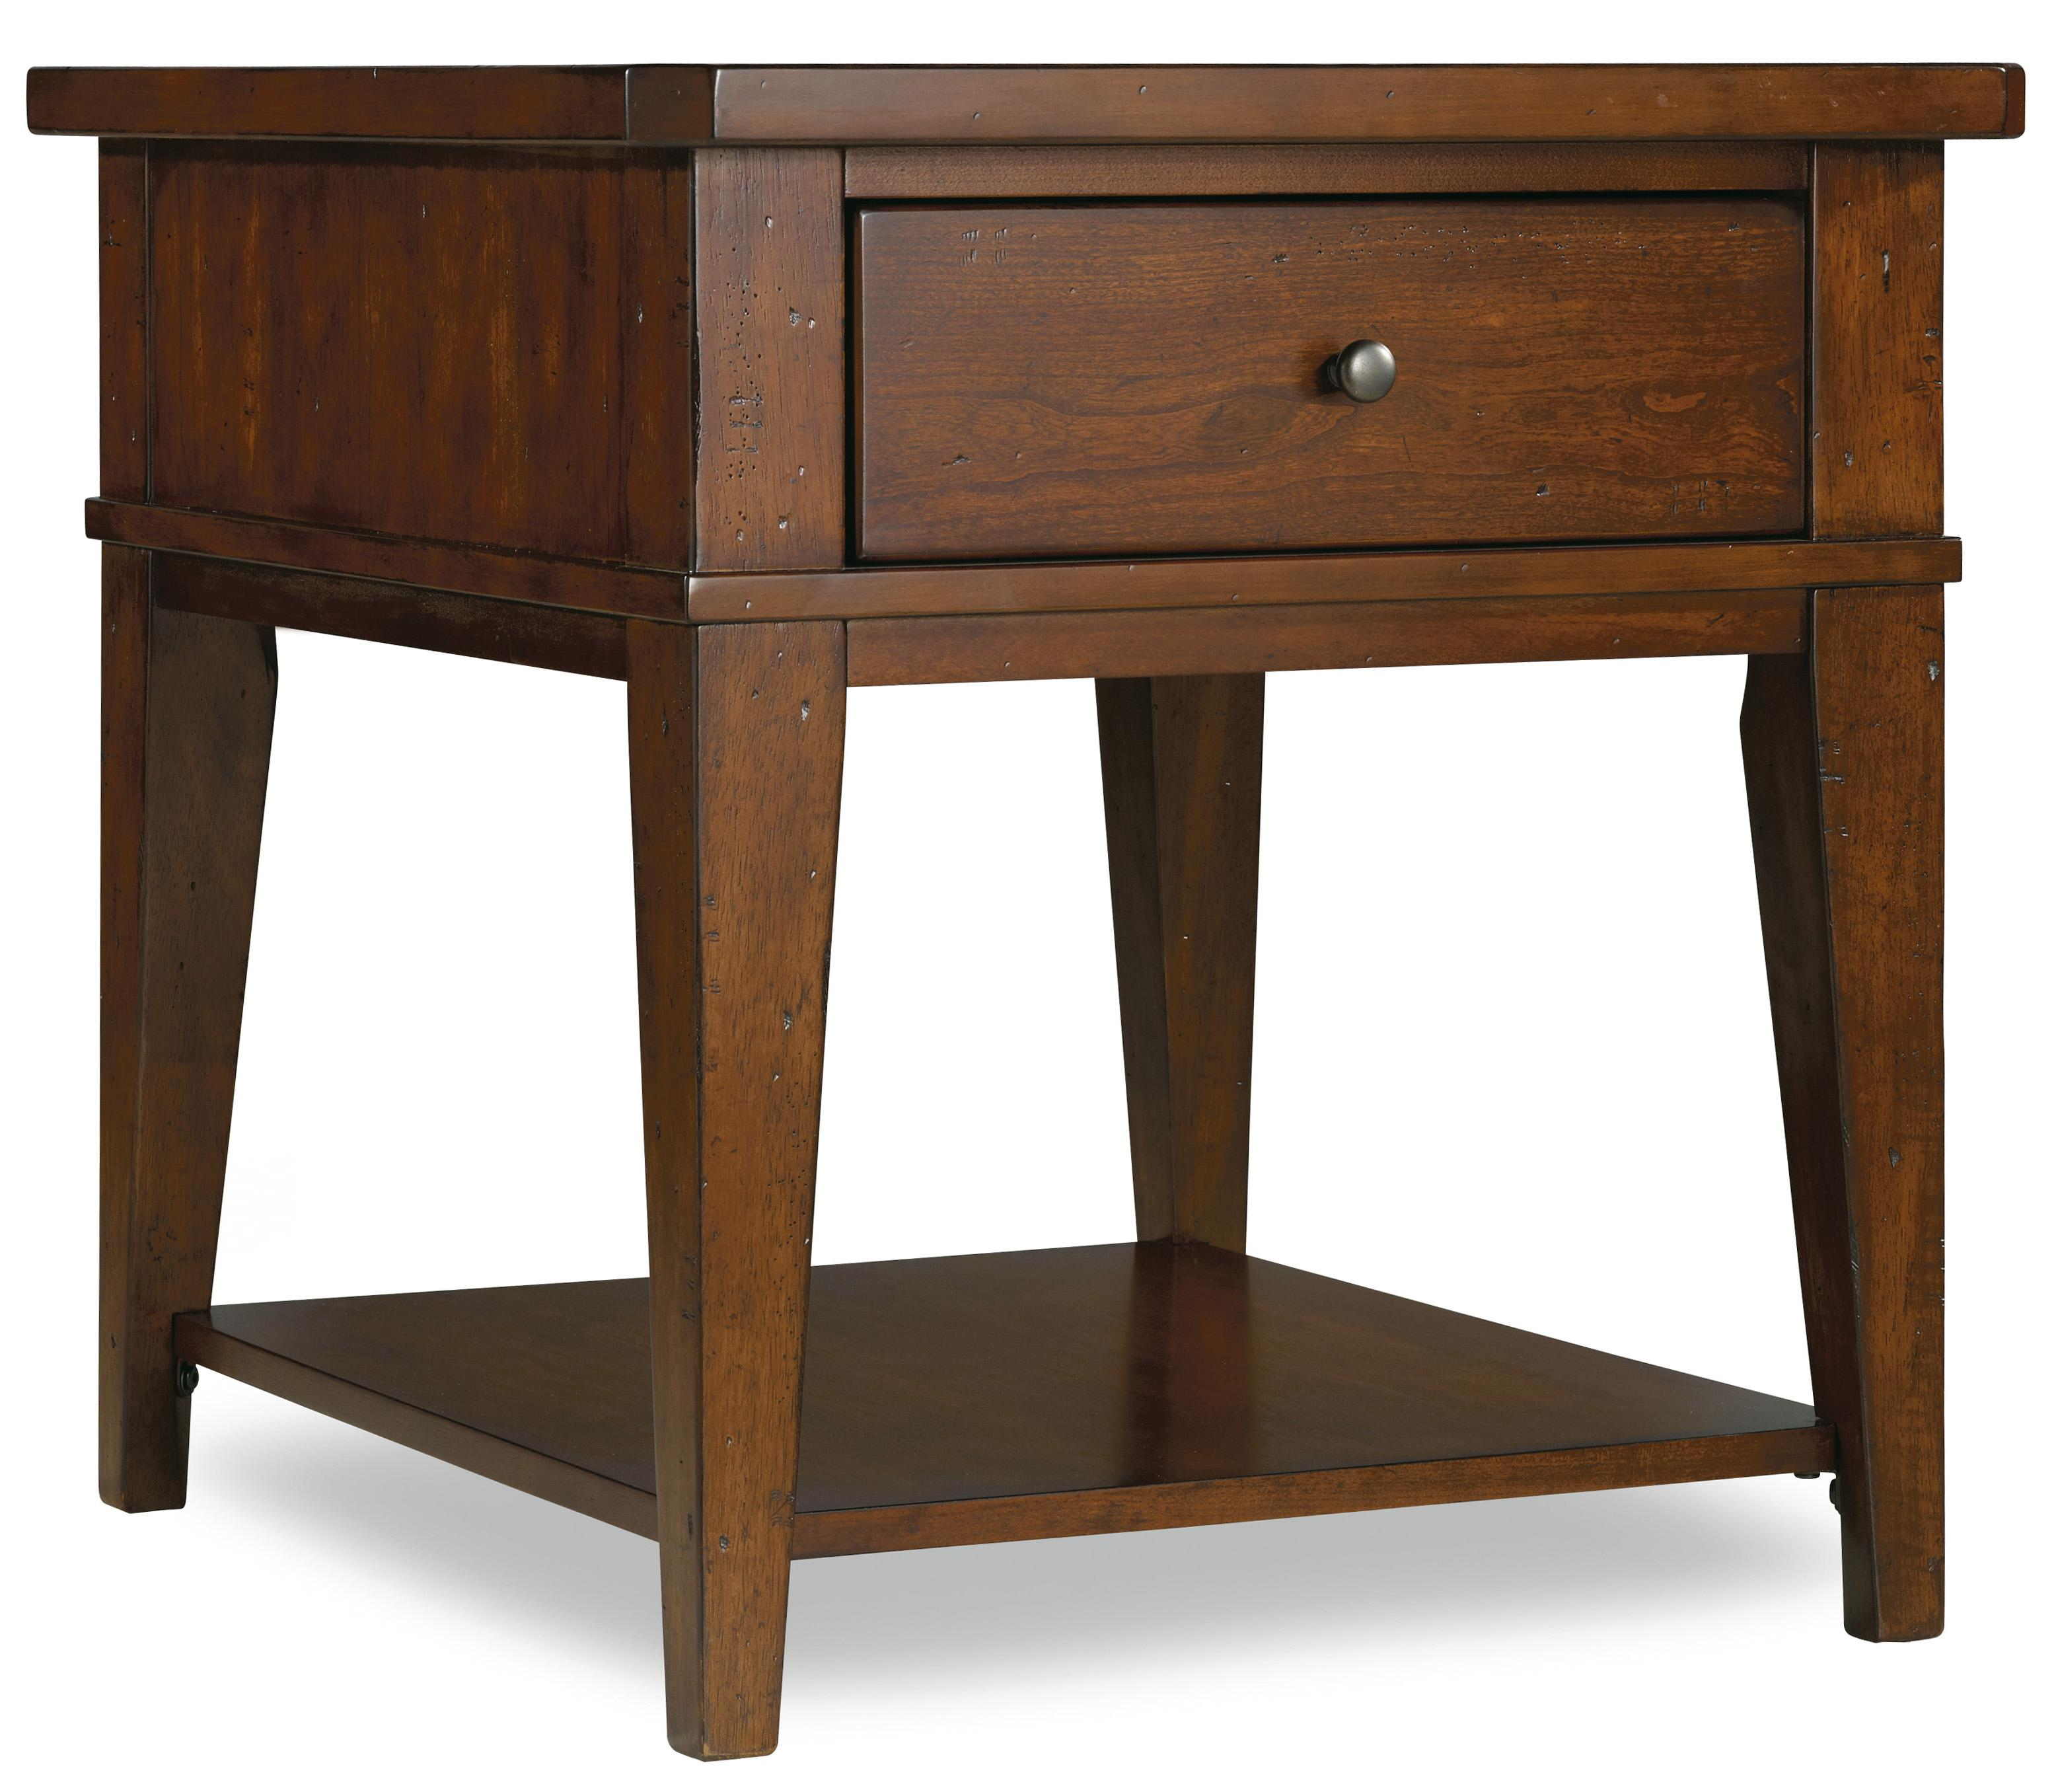 Hooker Furniture Wendover End Table - Item Number: 1037-81113